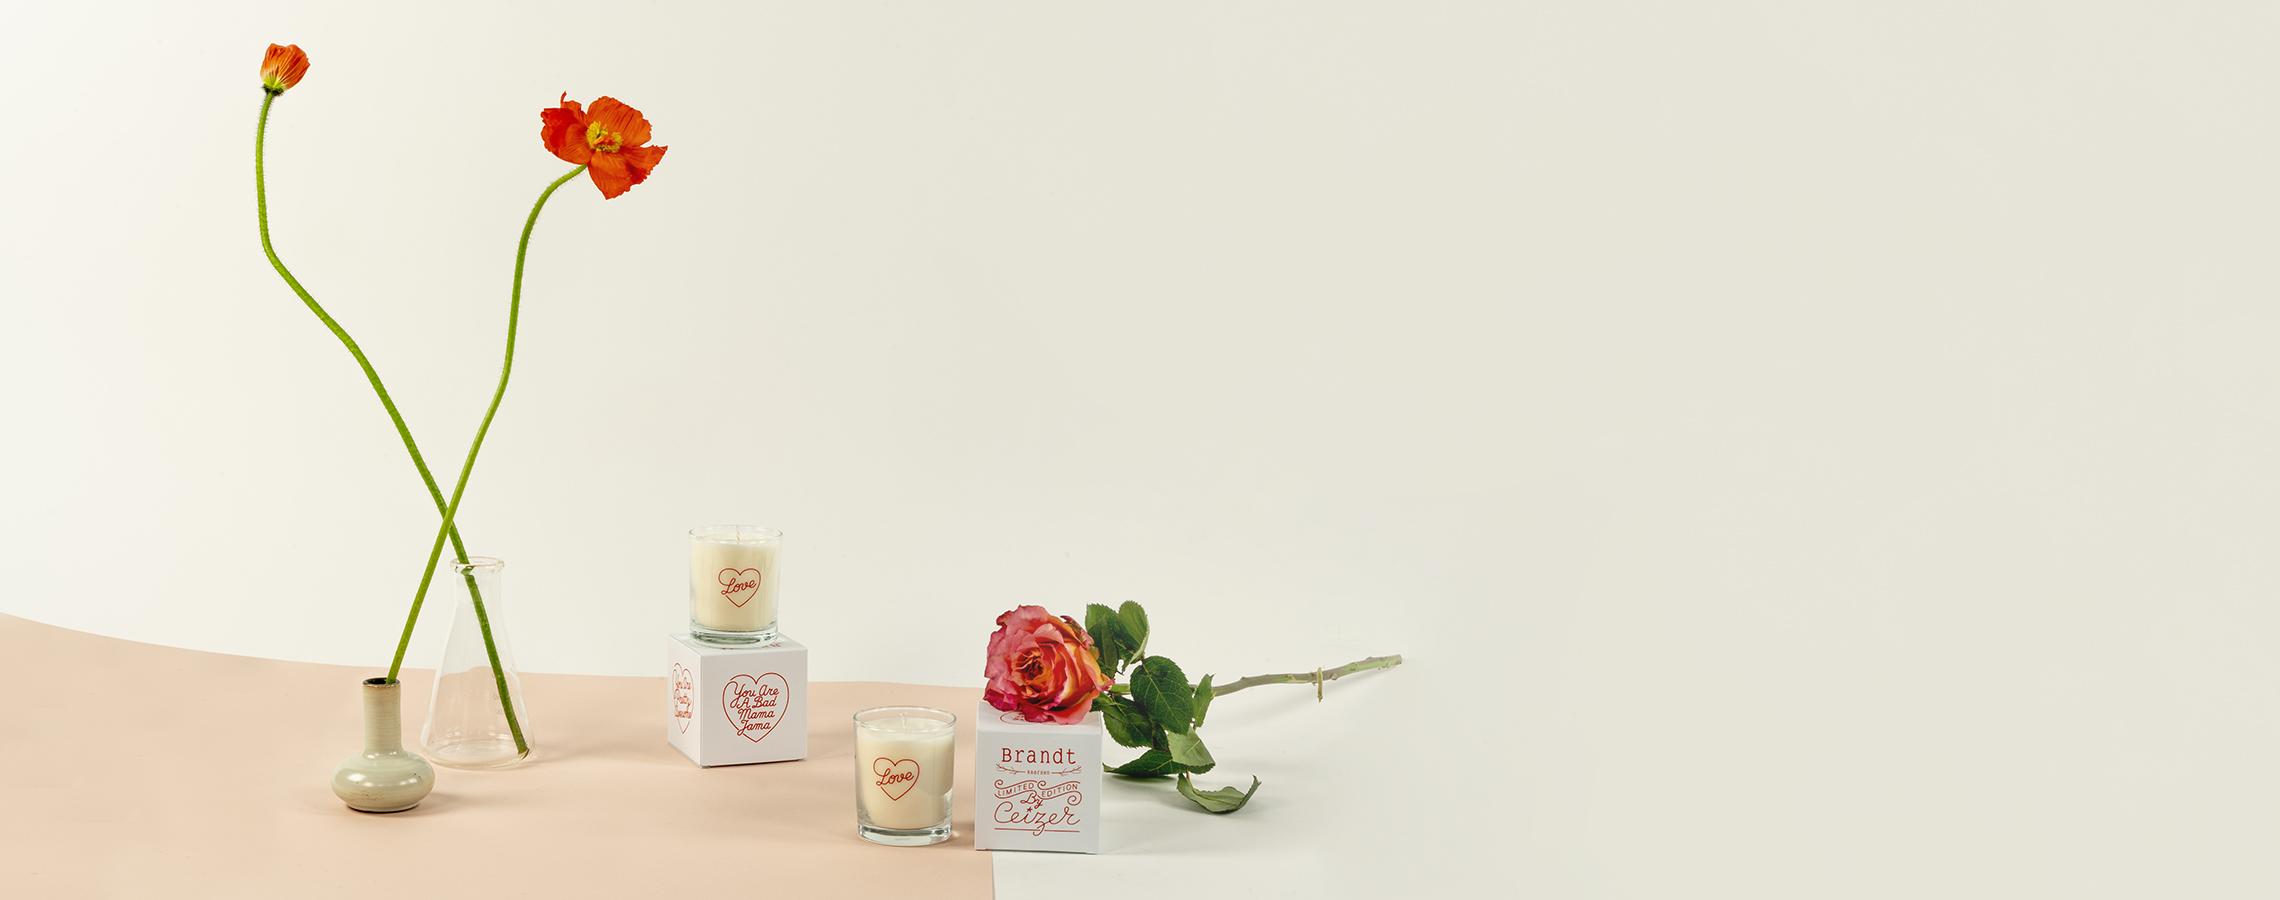 Samenwerking Pieter Ceizer x Brandt kaarsen